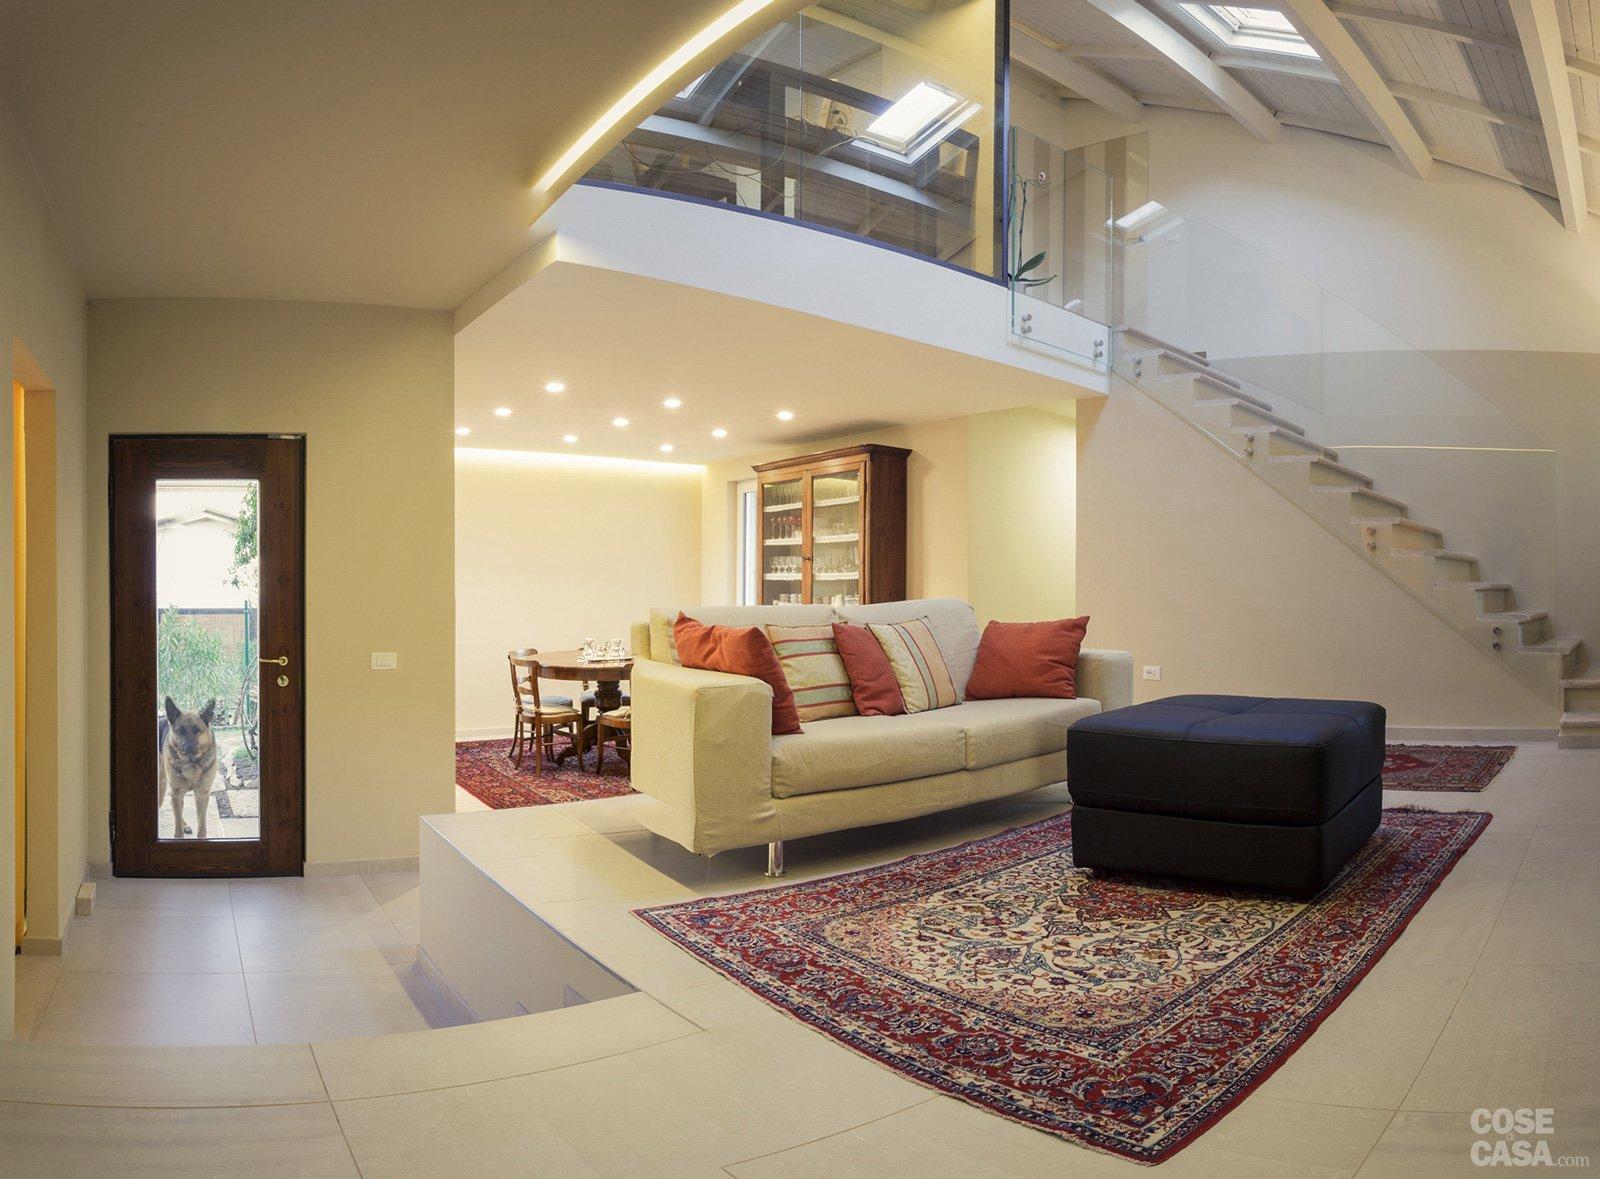 Una casa ristrutturata per il risparmio energetico cose for Immagini case ristrutturate